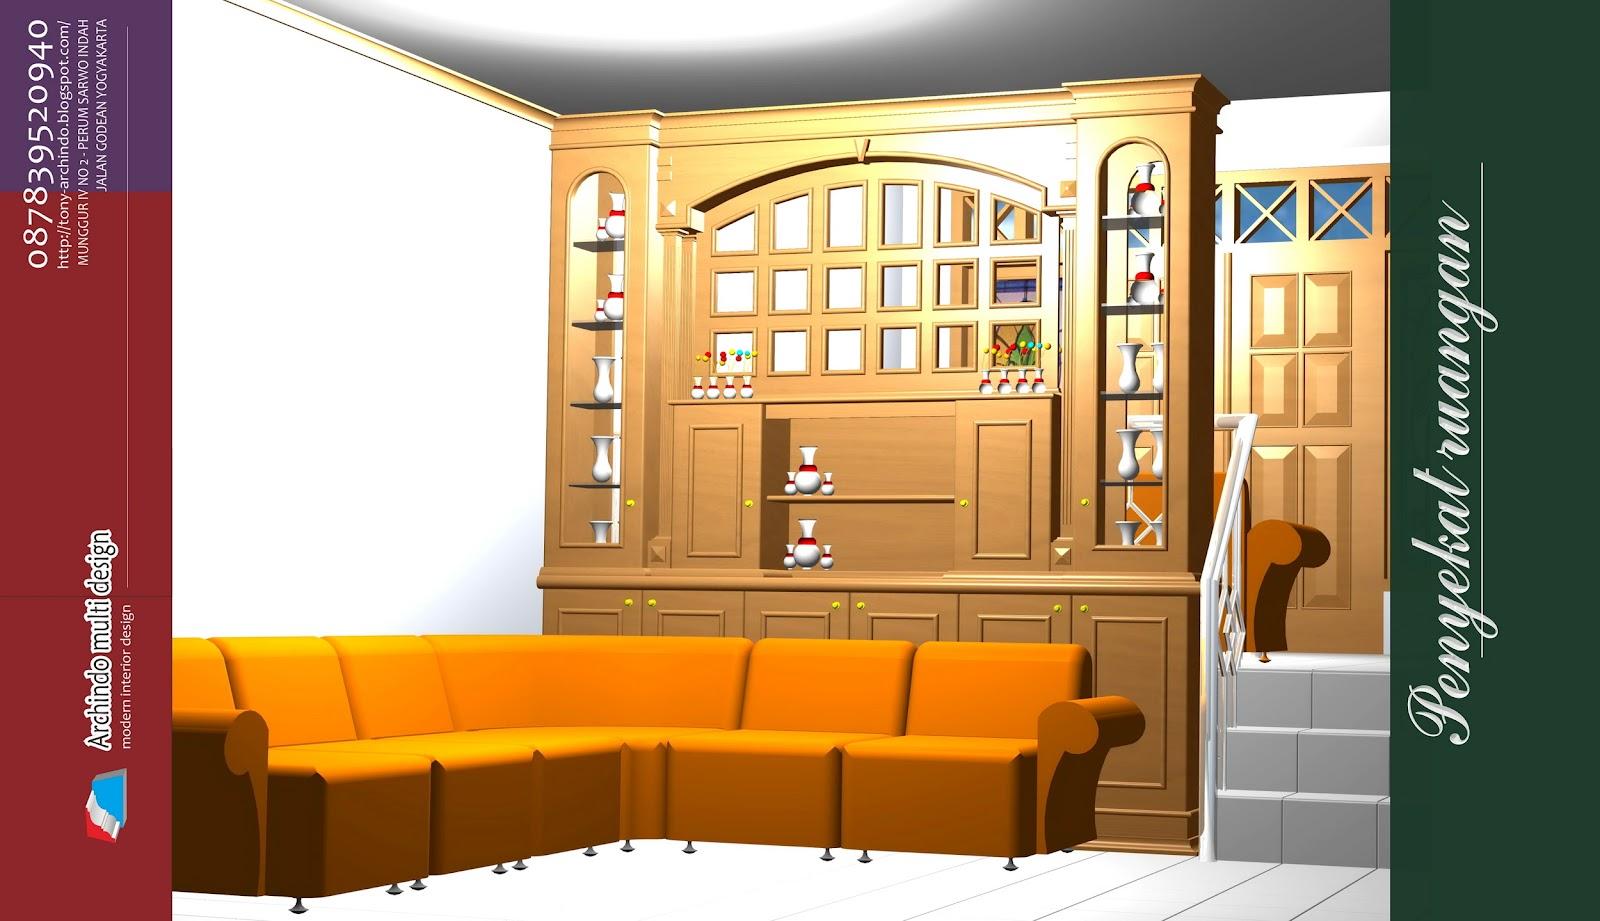 Aneka ide Gambar Desain Ruang Tamu Rumah Minimalis 2015 yang inspiratif